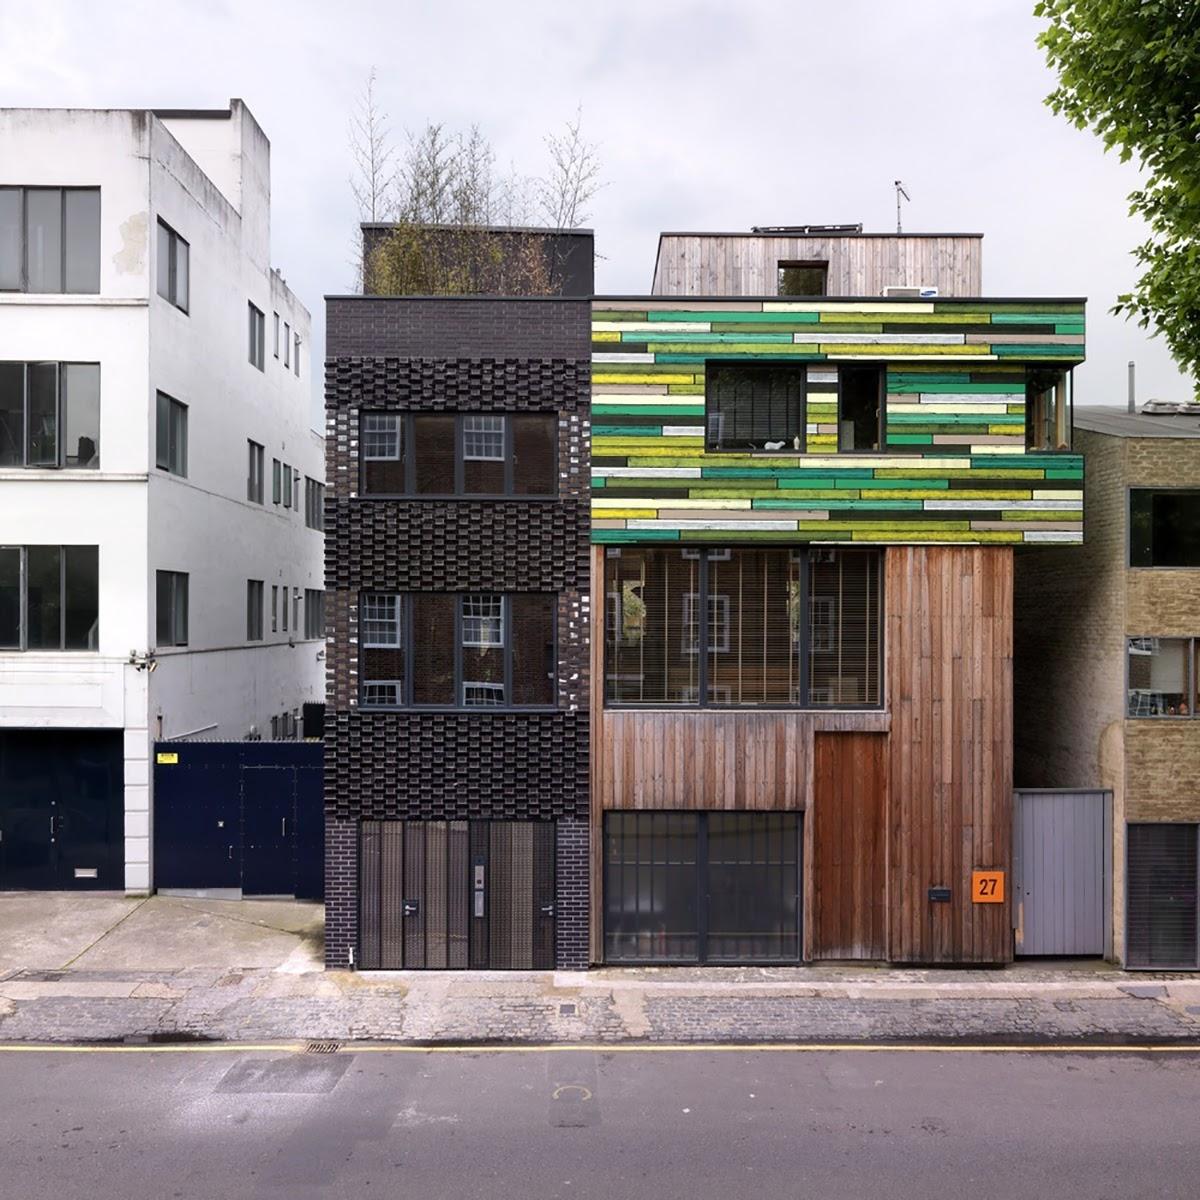 Khám phá màu sắc của gạch qua những công trình